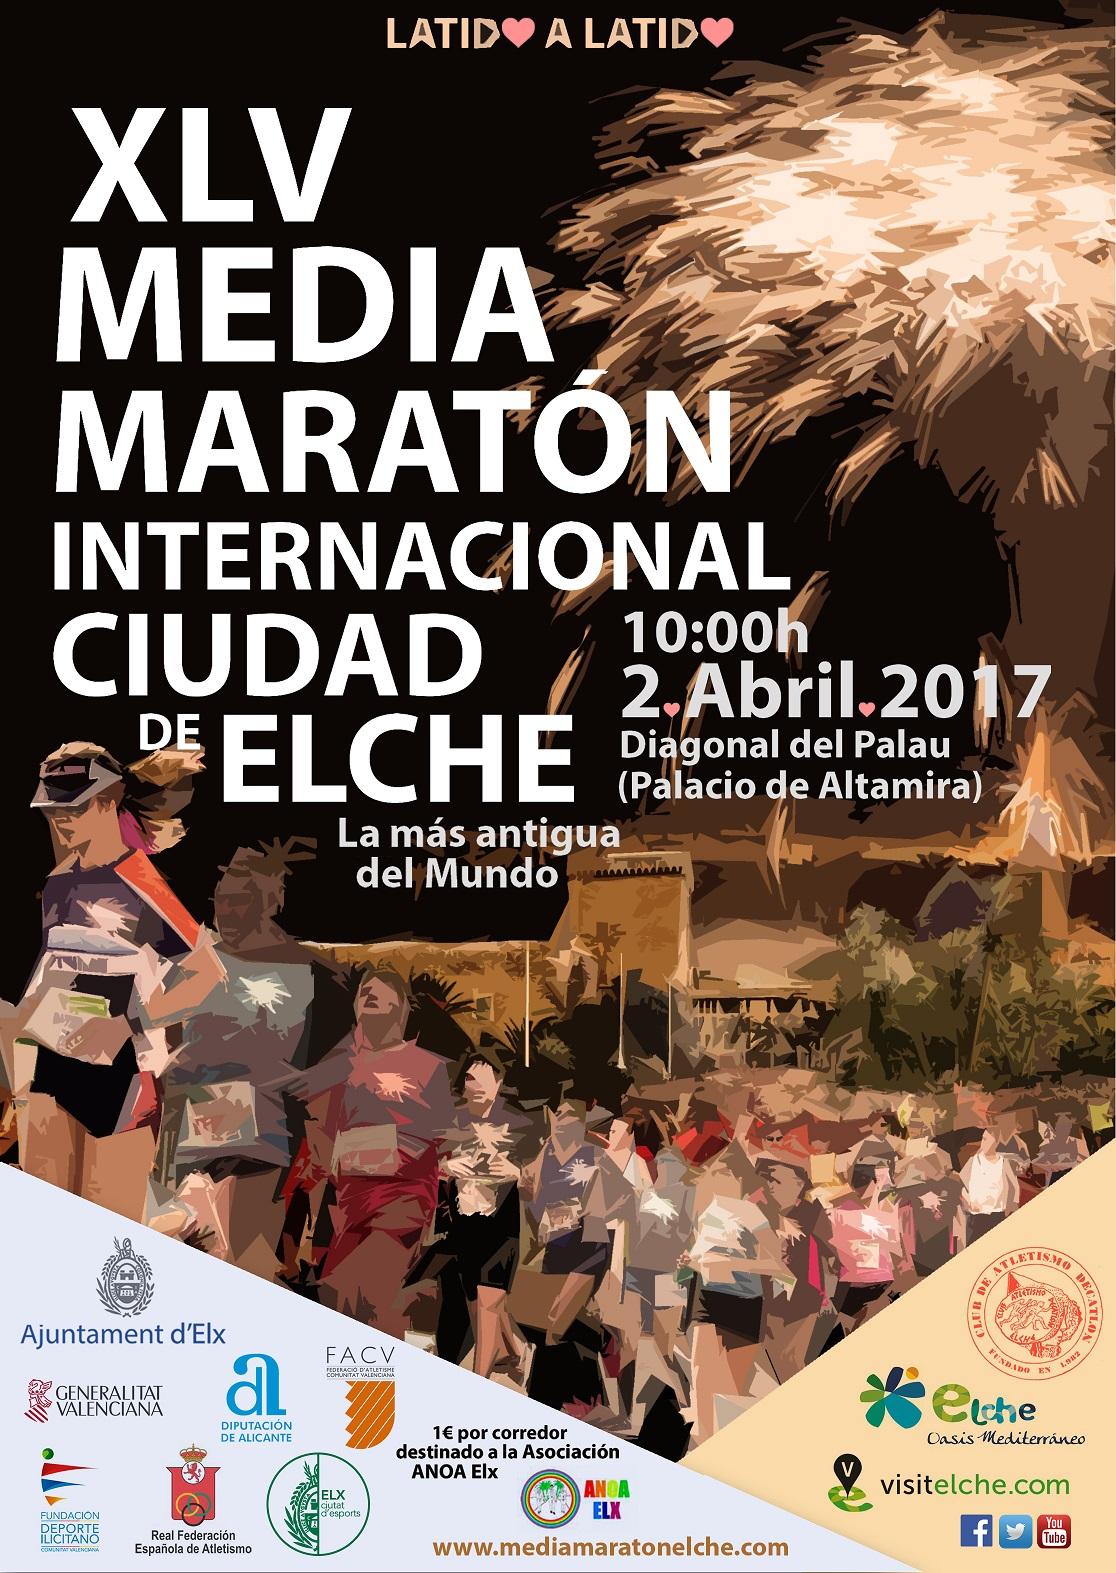 Cuenta atrás para la Media Maratón Internacional Ciudad de Elche